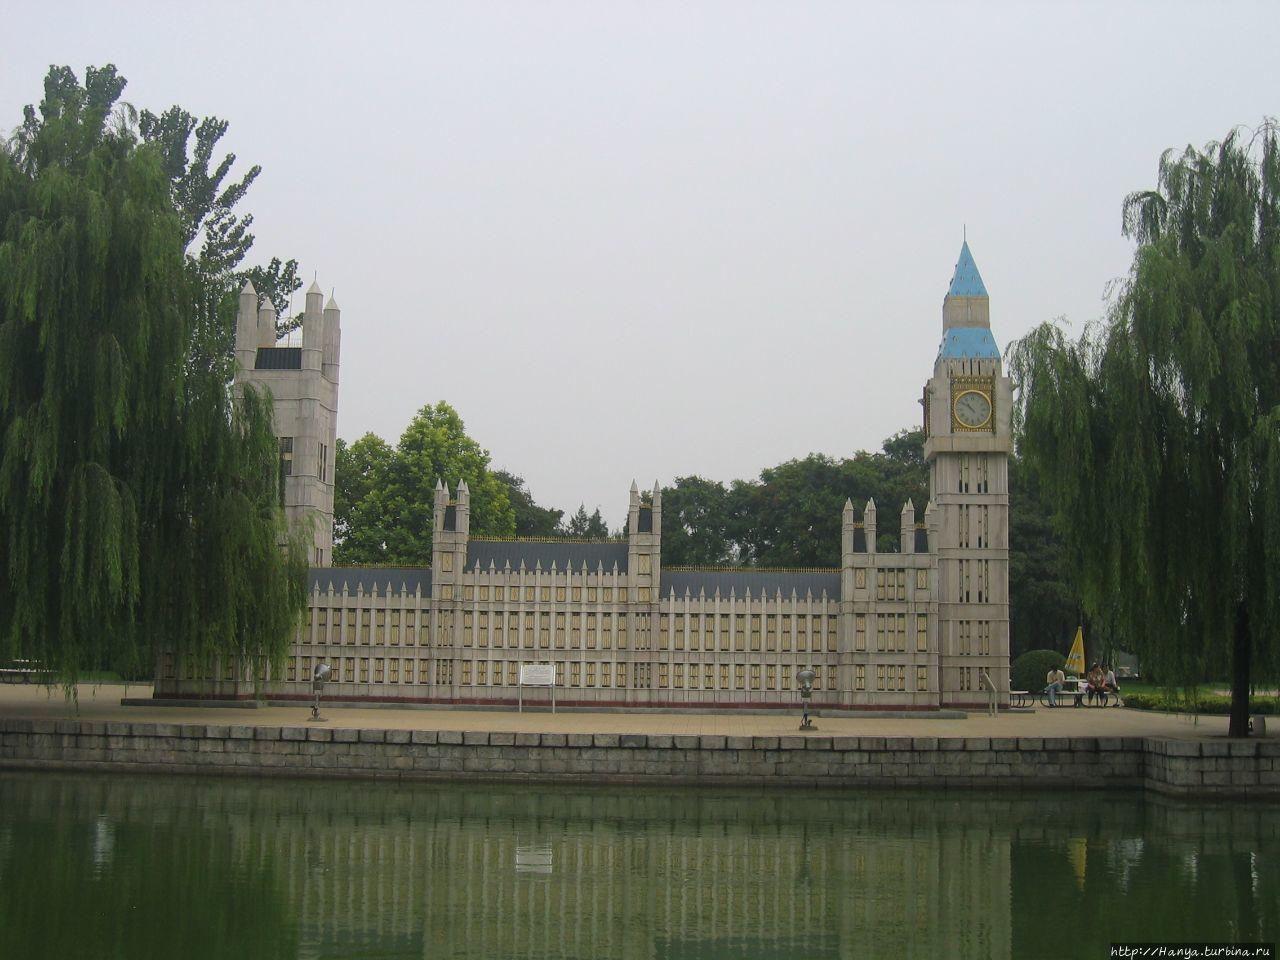 Пекин. Парк Миниатюр.Вели